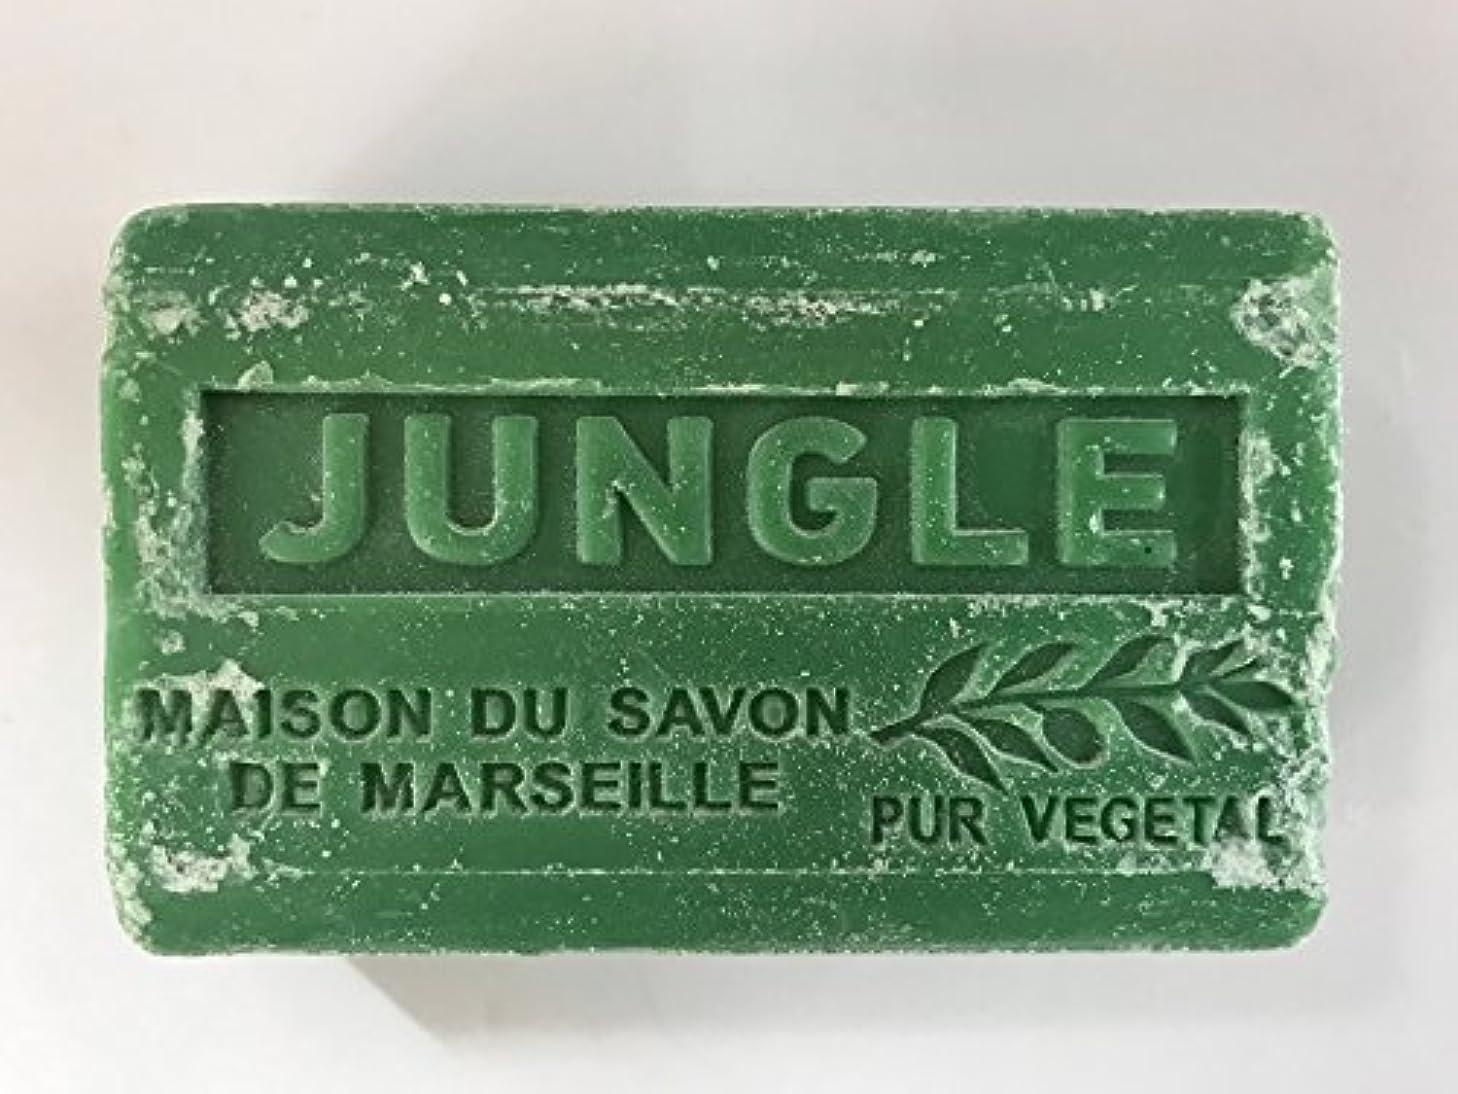 プレビュー限定隙間Savon de Marseille Soap Jungle Shea Butter 125g